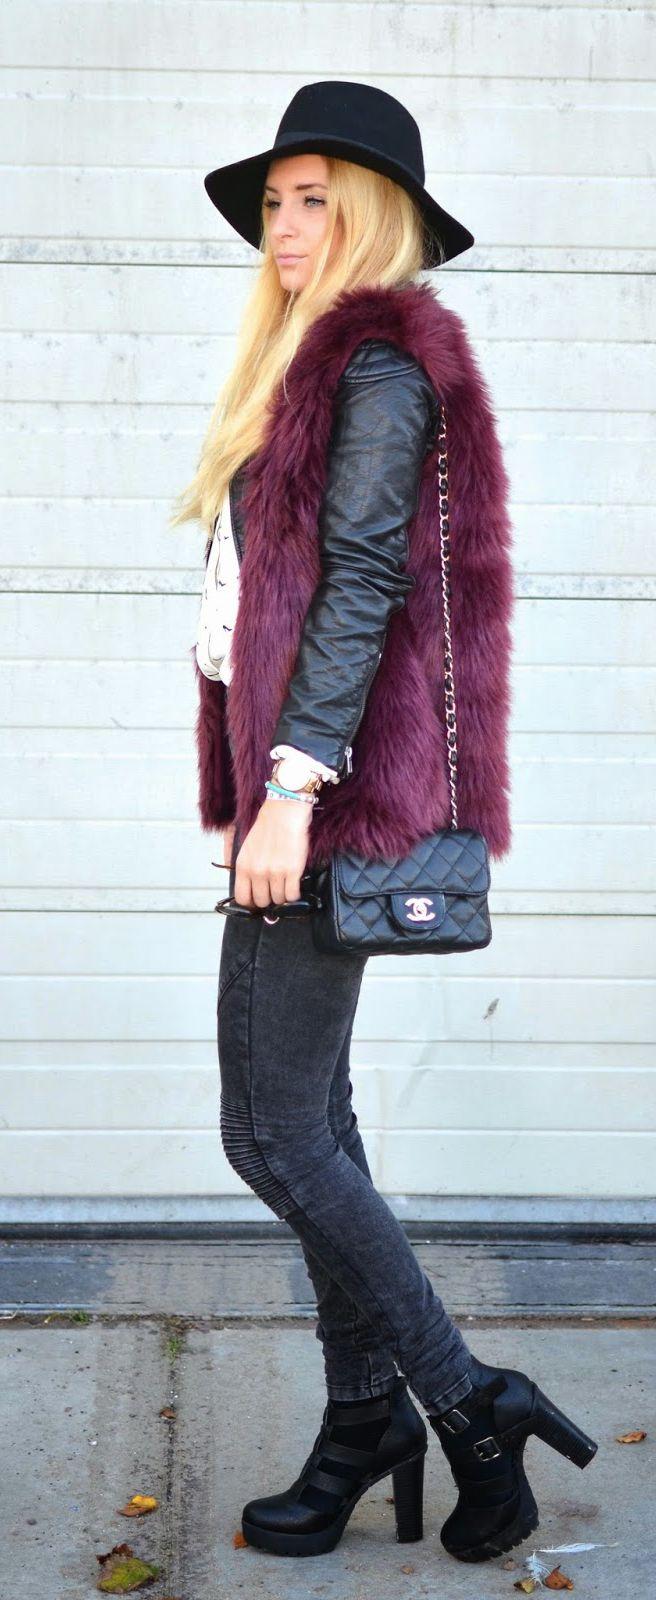 Charlotte Schouten is wearing a burgundy faux fur vest from Seven Sisters